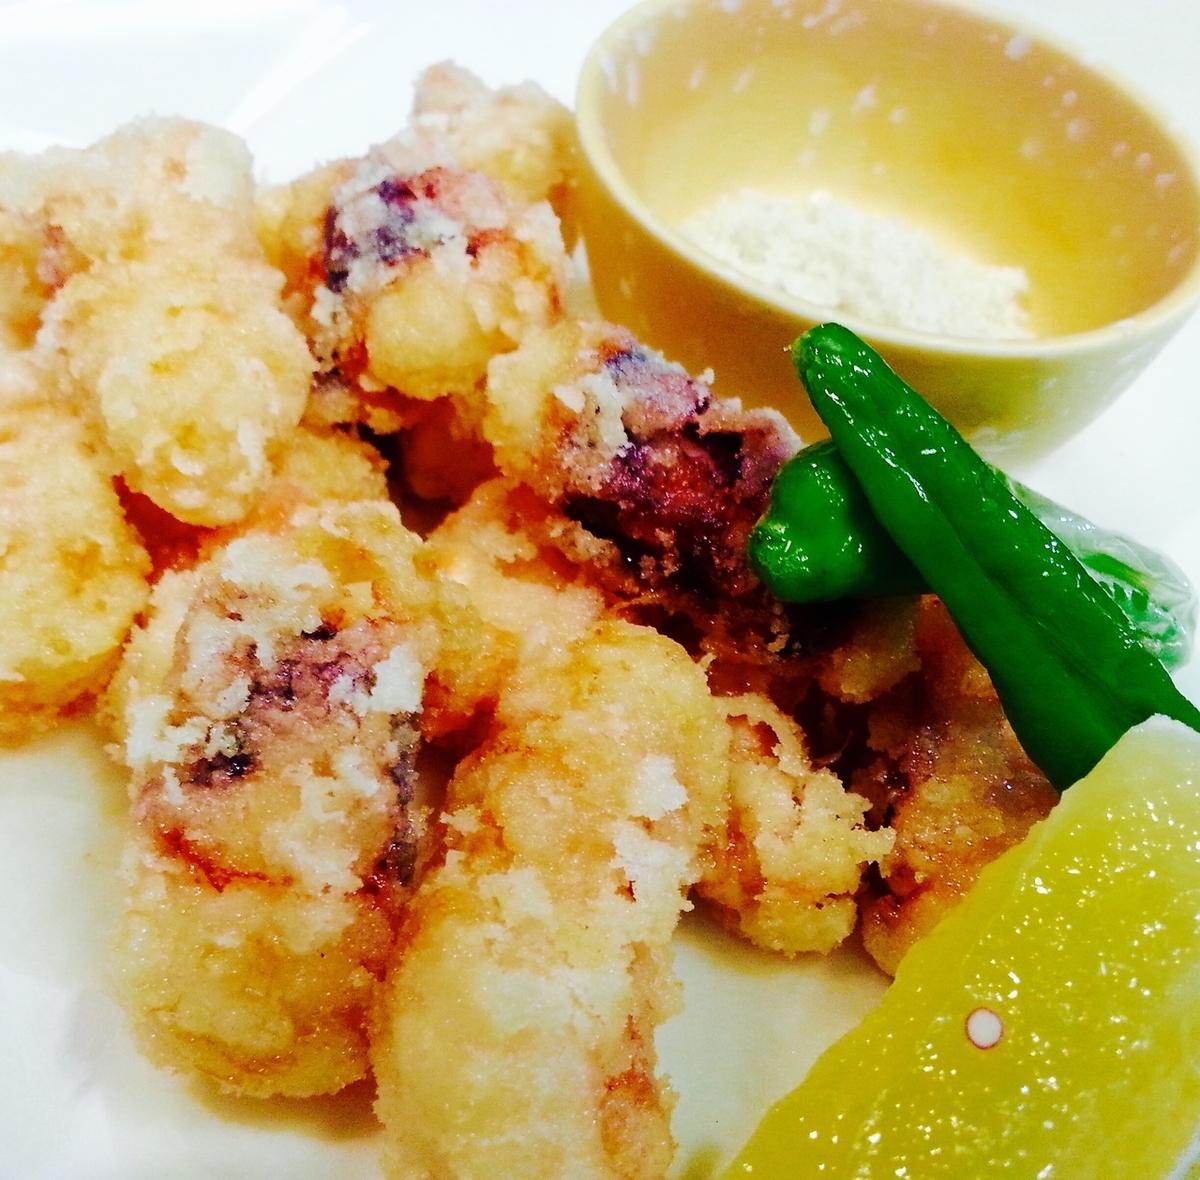 Deep-fried octopus / deep-fried deep-fried egg